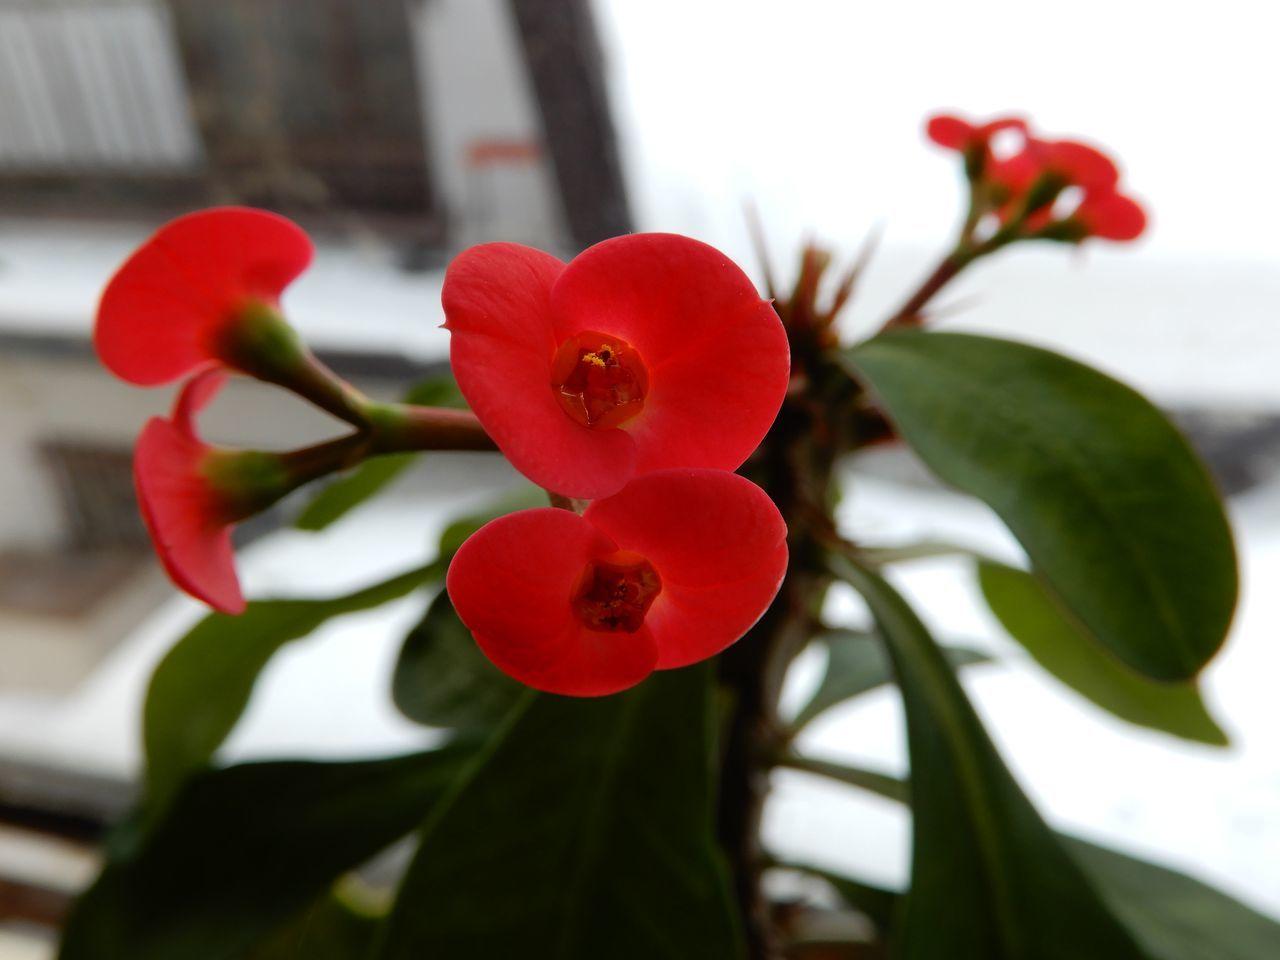 昨日ほど寒くはないけど真冬日_c0025115_21590541.jpg